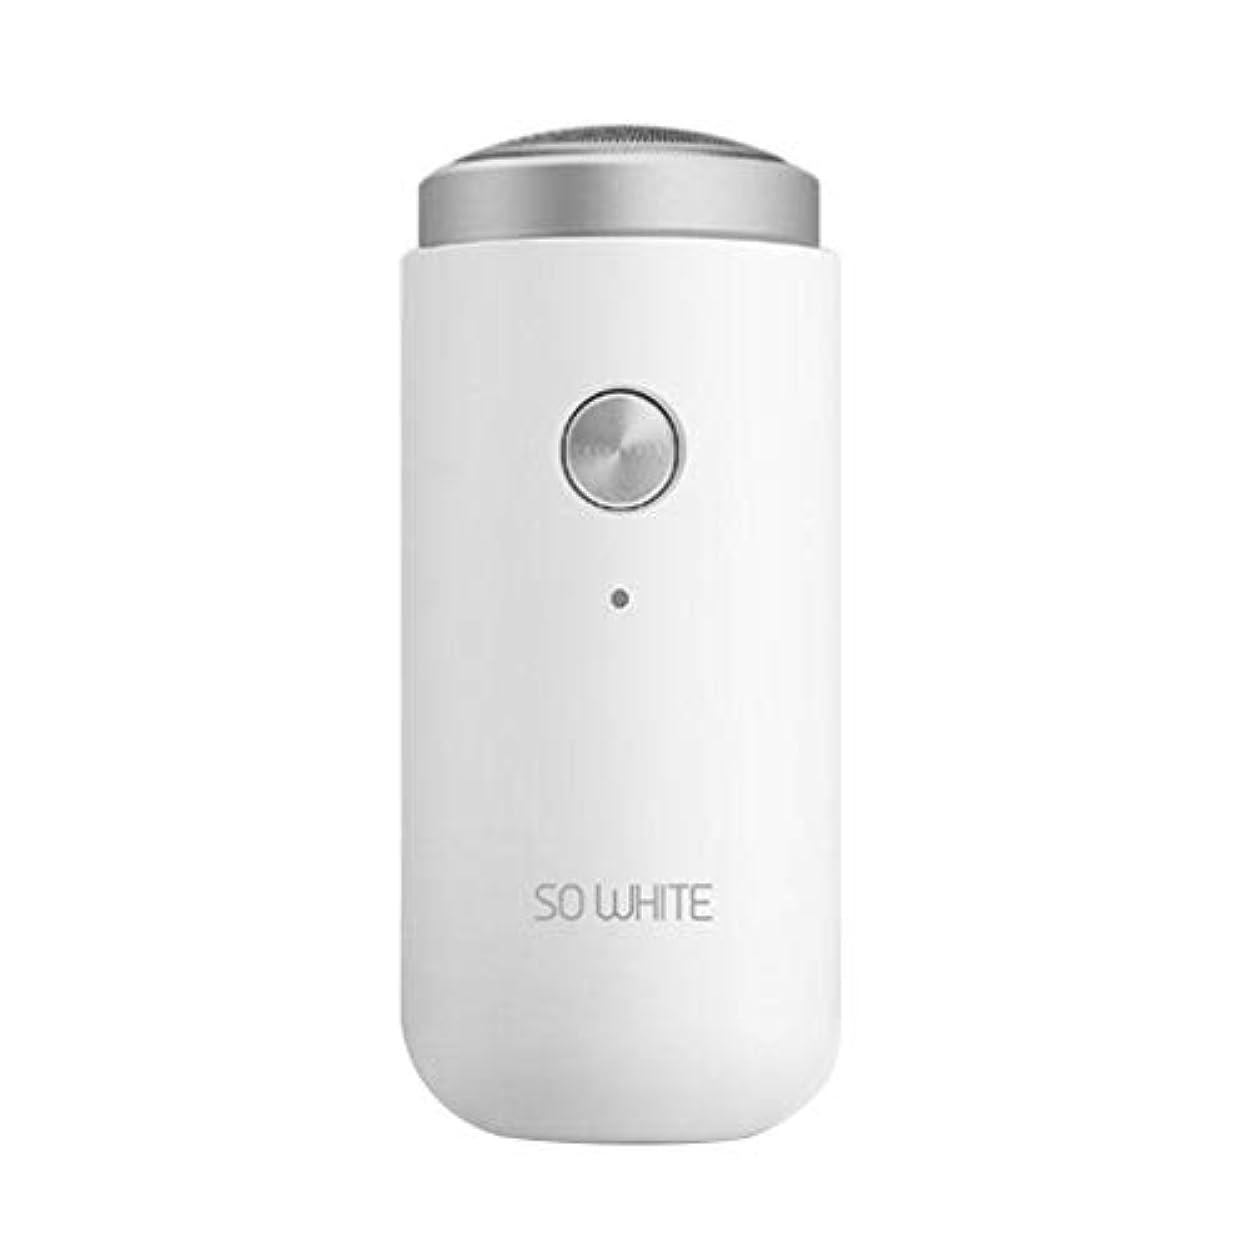 木材ペグ性別A69Qホワイトミニポータブル電気シェーバー メンズ 防水 USB充電 ひげそり 電気カミソリ 水洗い お風呂剃り可 ウェット ドライに適用 (ホワイト)